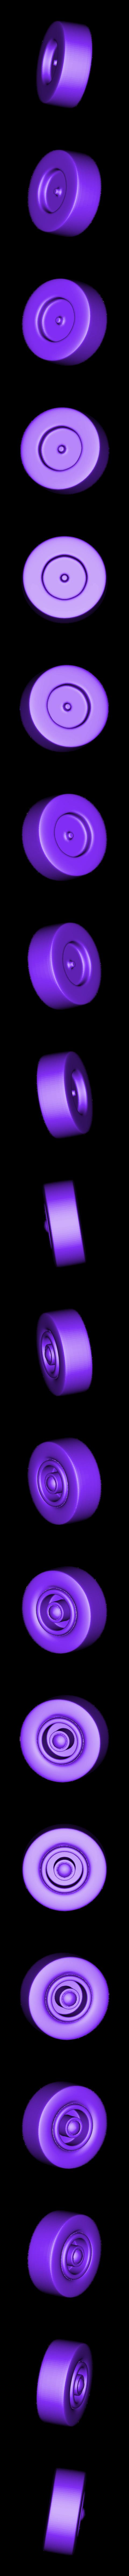 Tire-Back_R.stl Download STL file Rocket Car • 3D printer design, svandalk